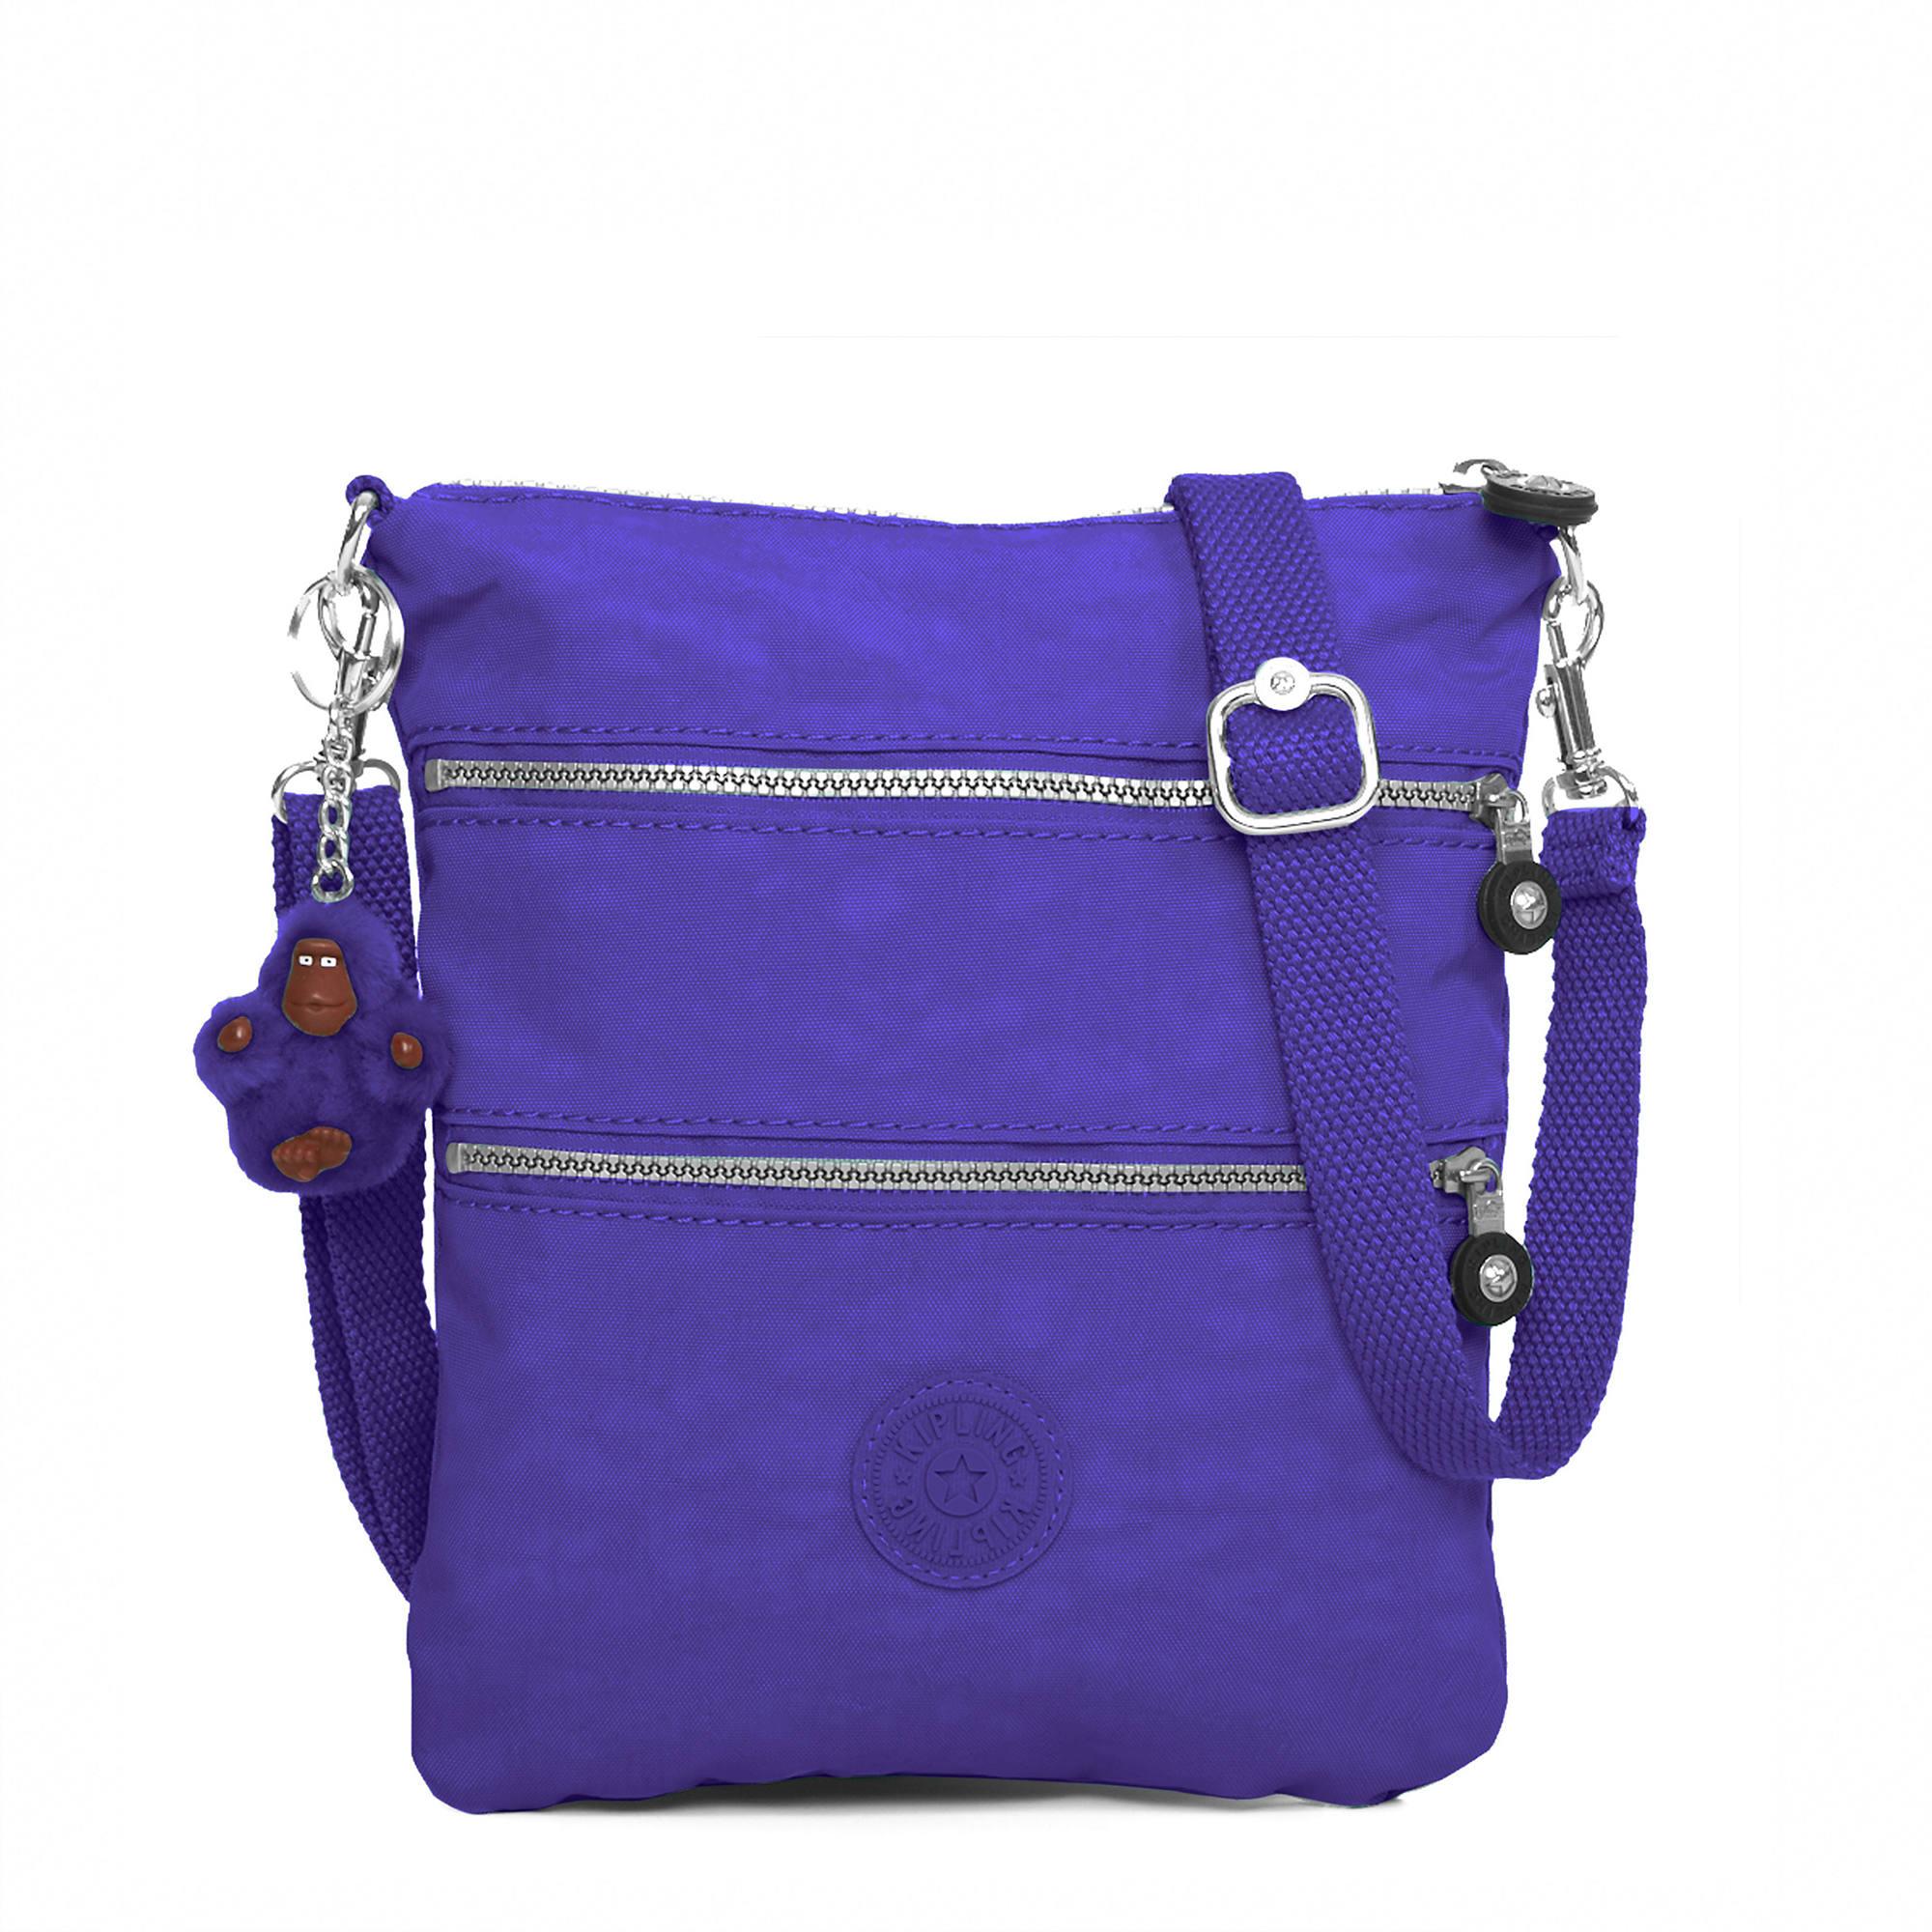 Rizzi Convertible Mini Bag Shire Large